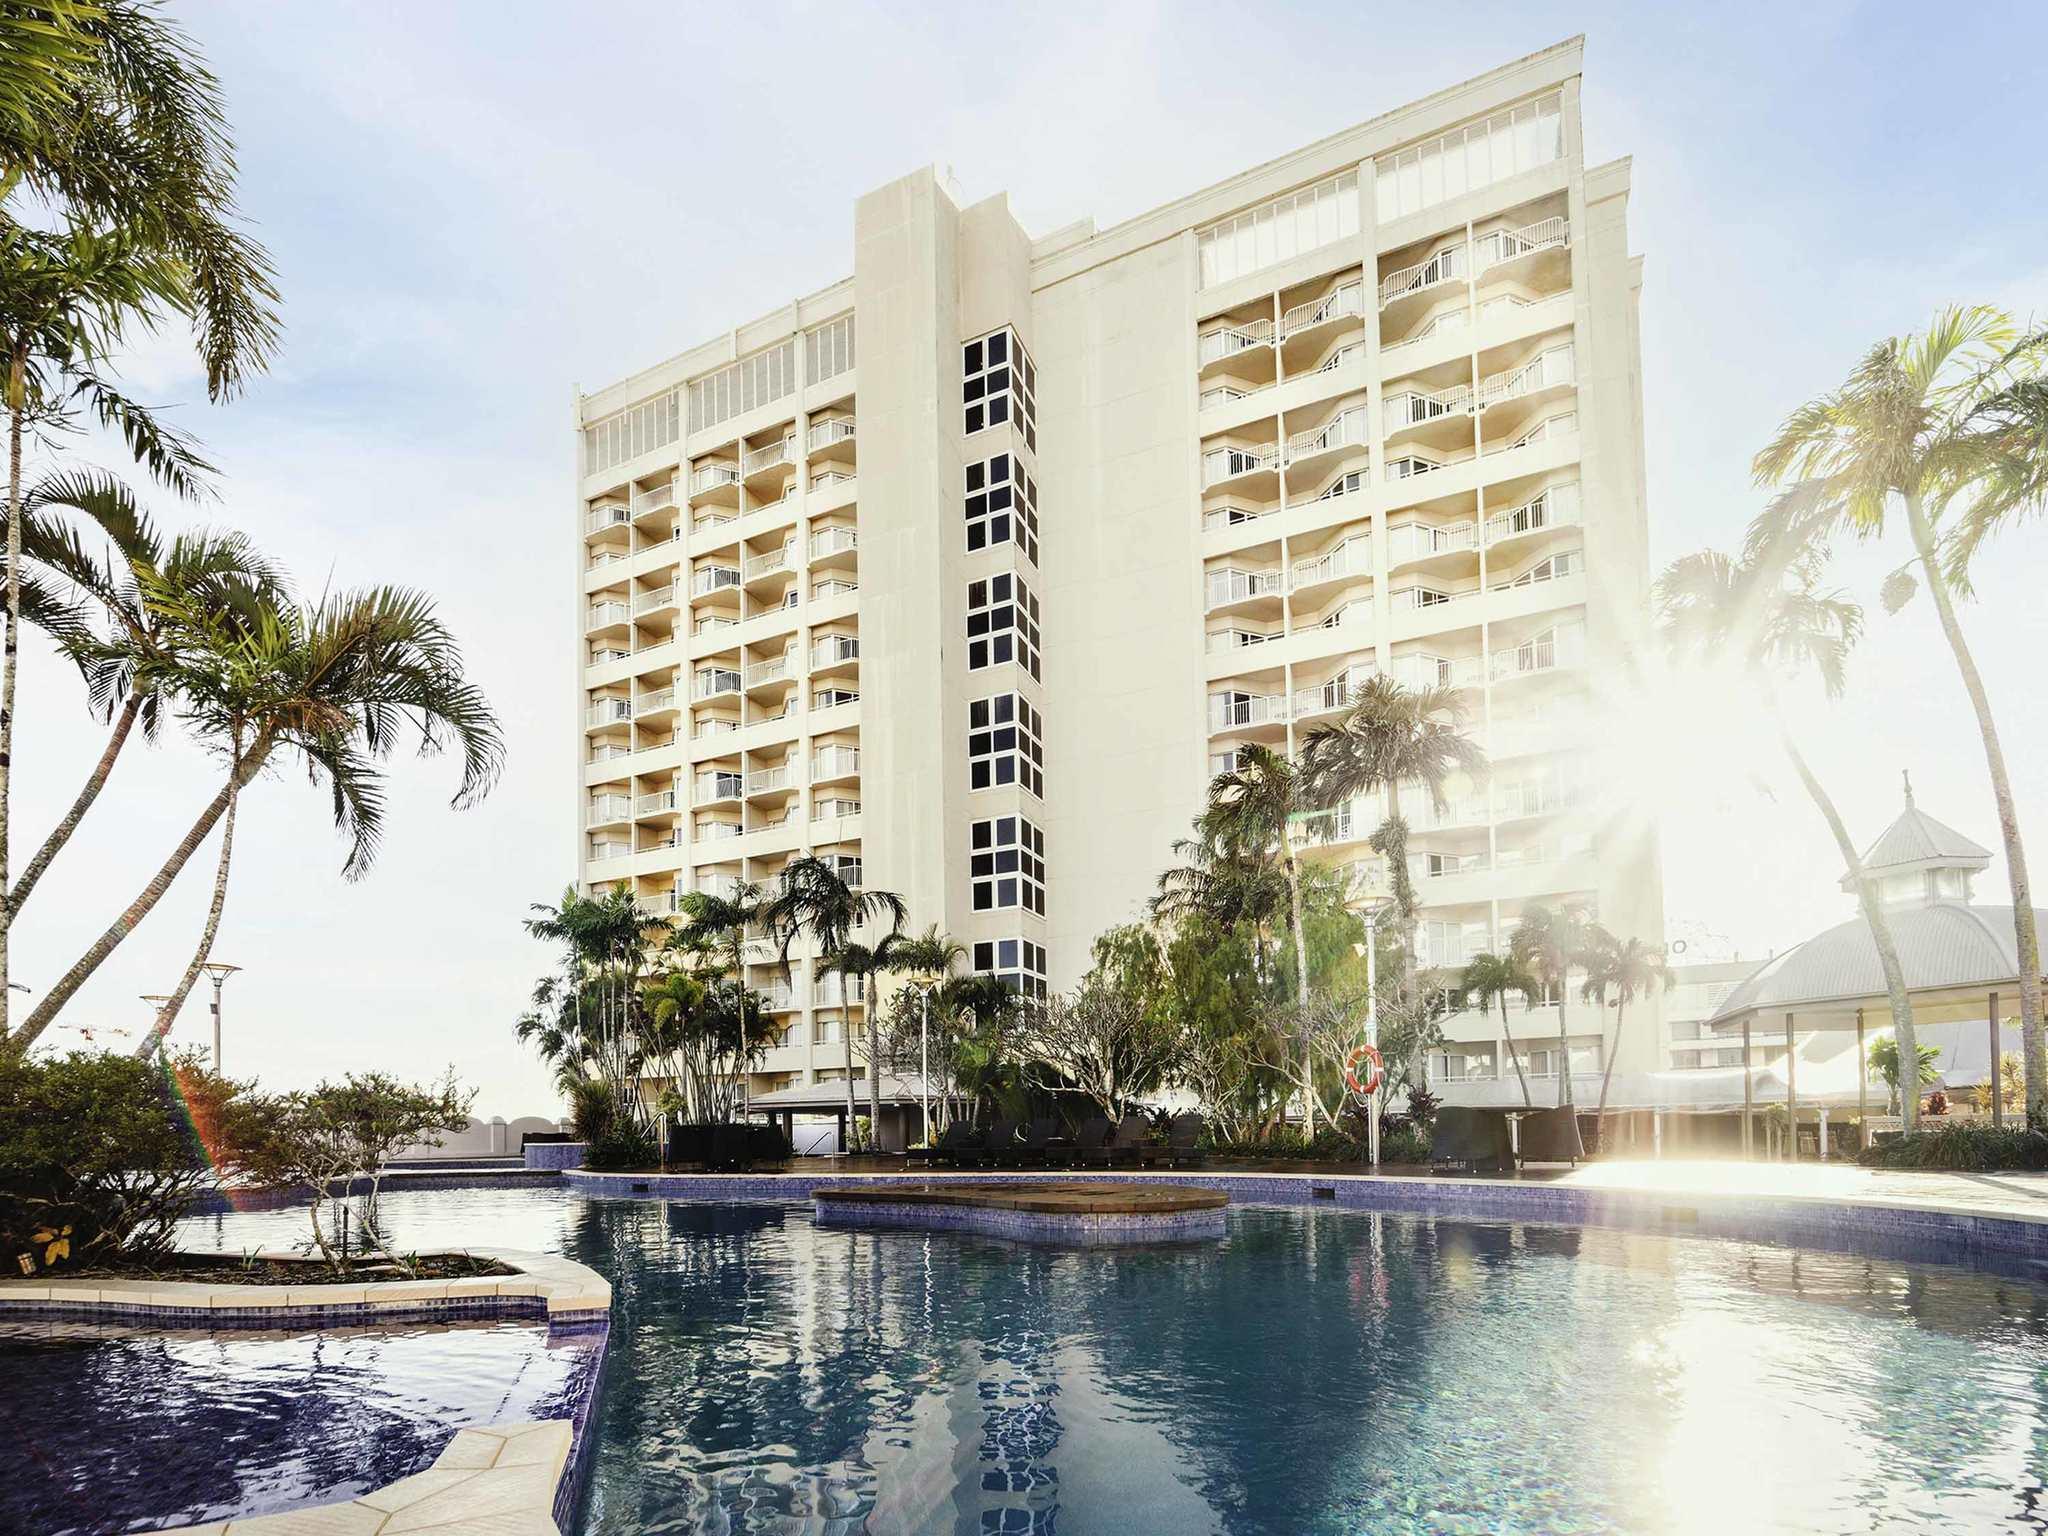 Hotel Pullman Cairns International